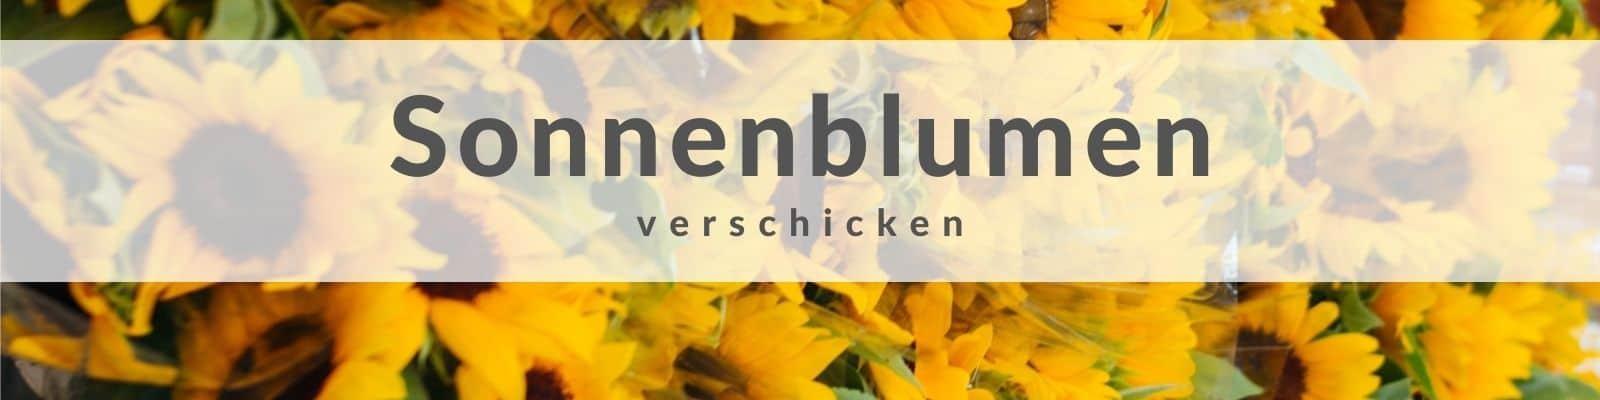 Sonnenblumen verschicken